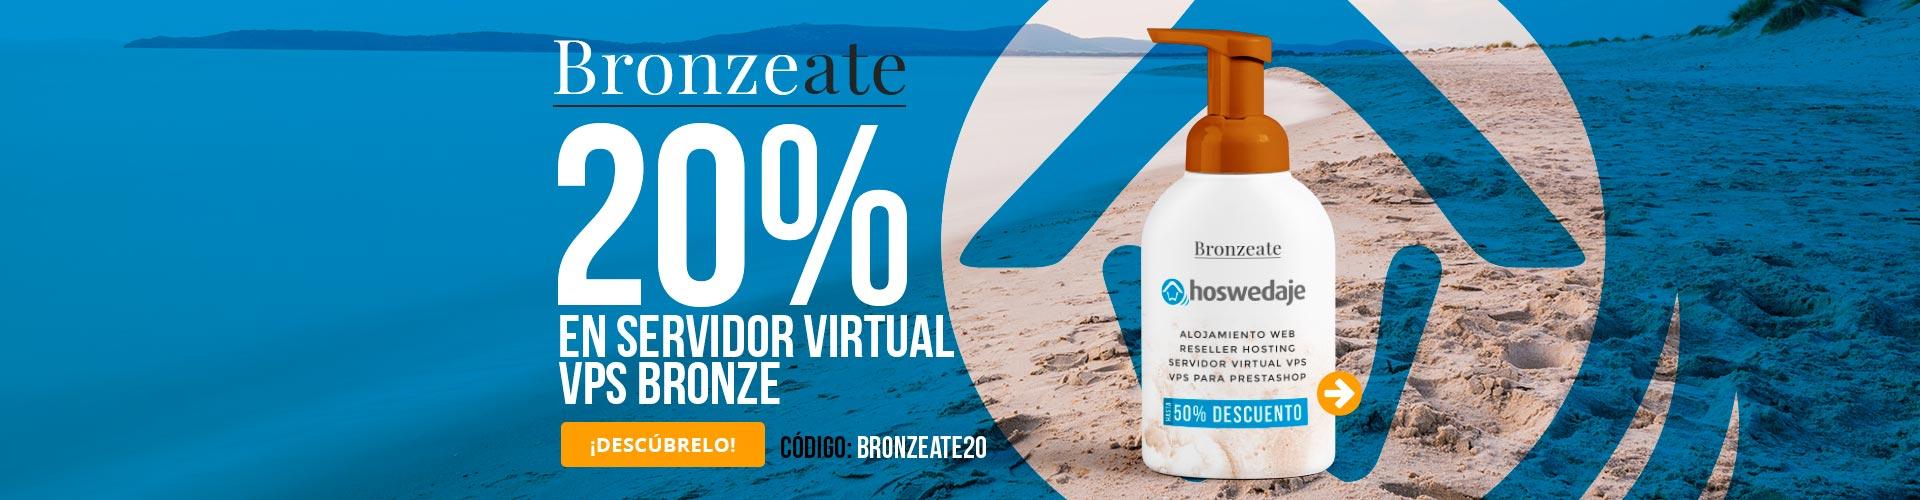 Bronzeate! 50% de descuento en VPS Bronze